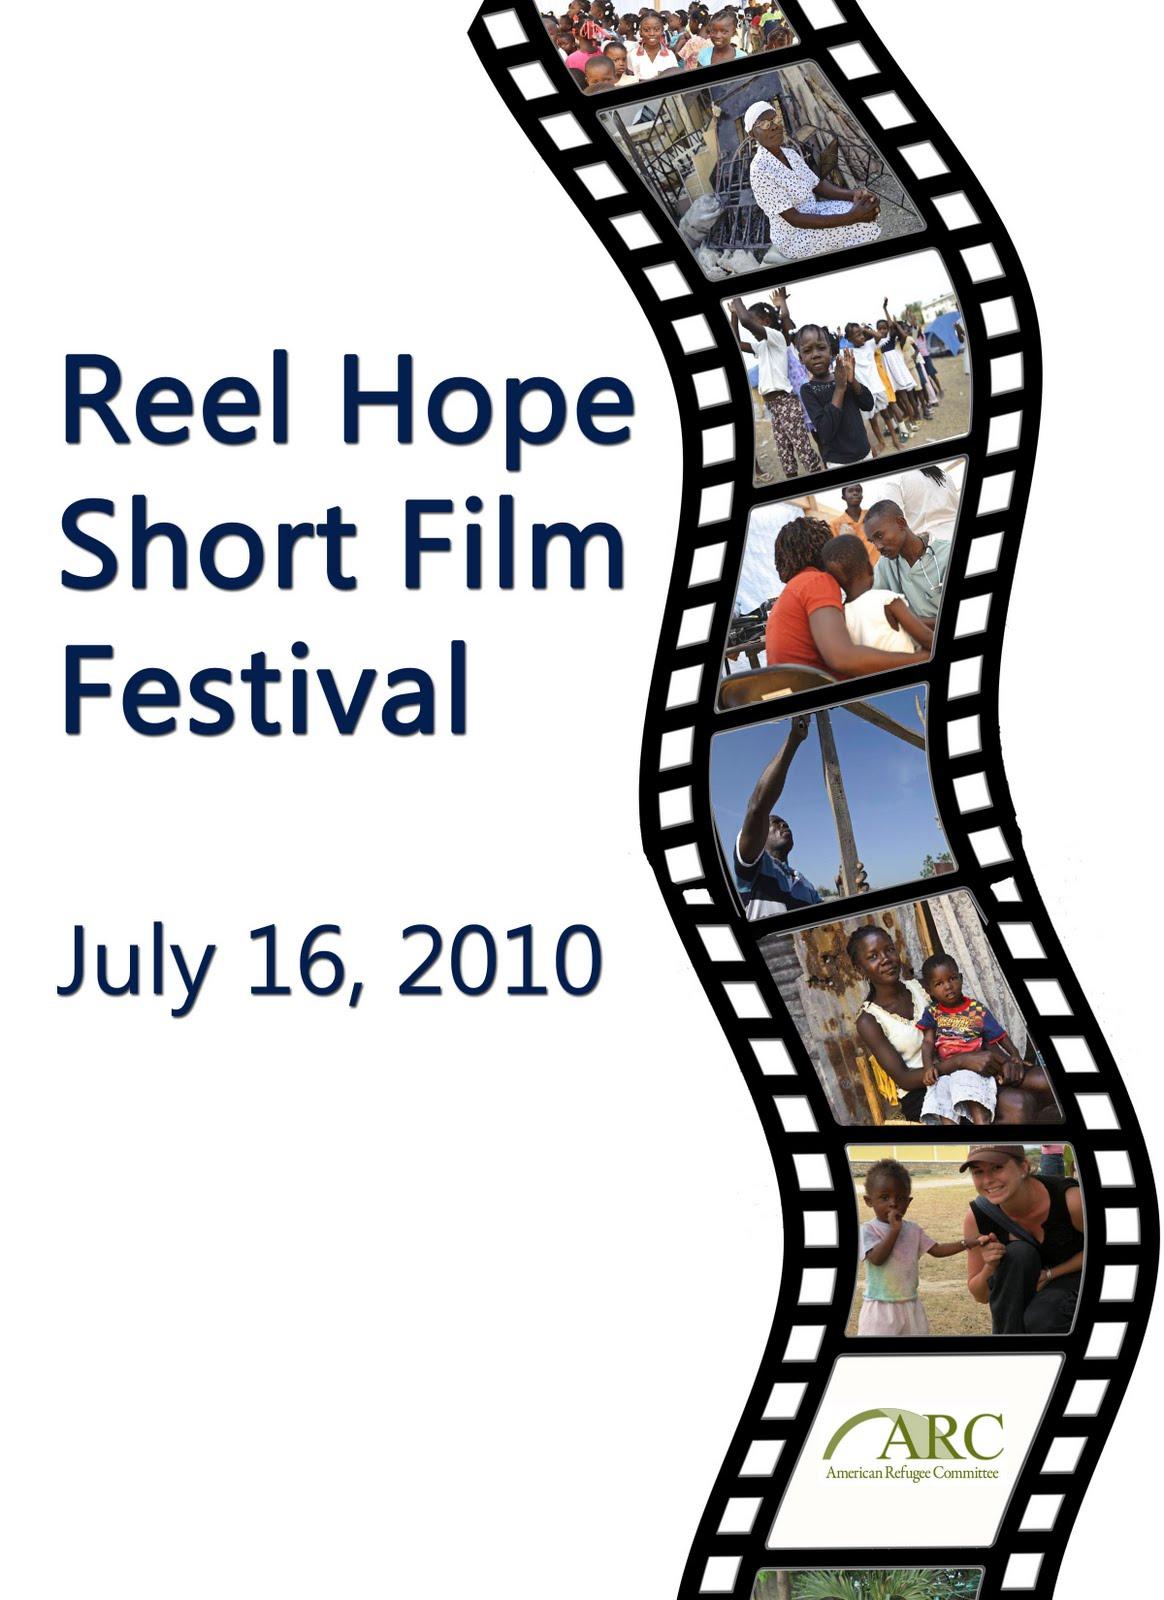 Reel hope short film festival